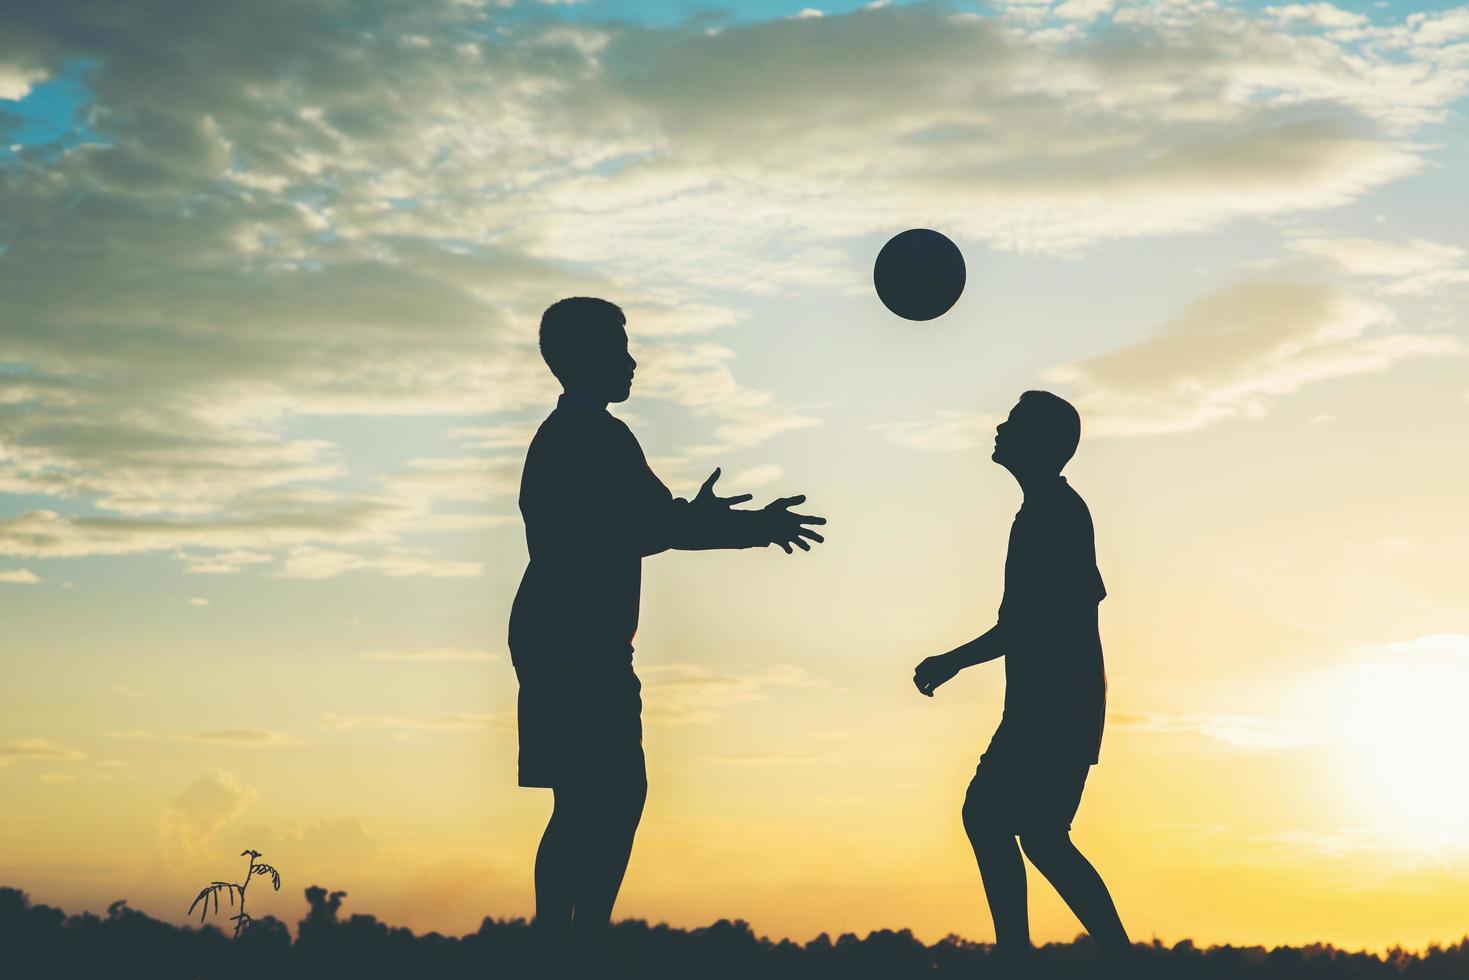 silhouet van kinderen voetballen foto